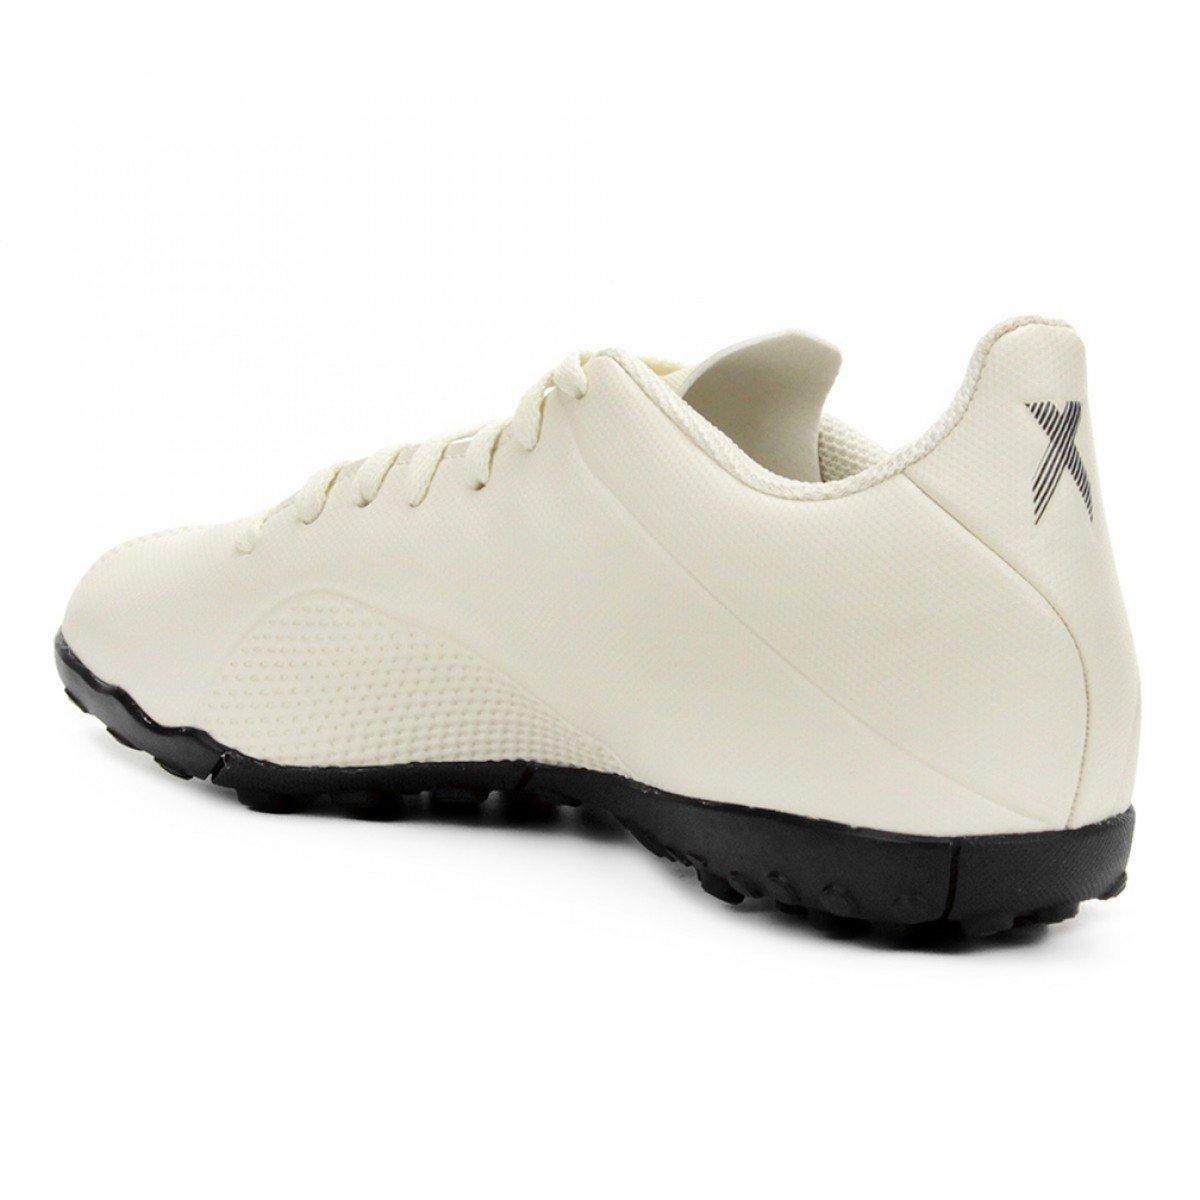 1d77a76d13 ... Chuteira Society Adidas X Tango 18 4 TF Masculina - Branca e Preta ...